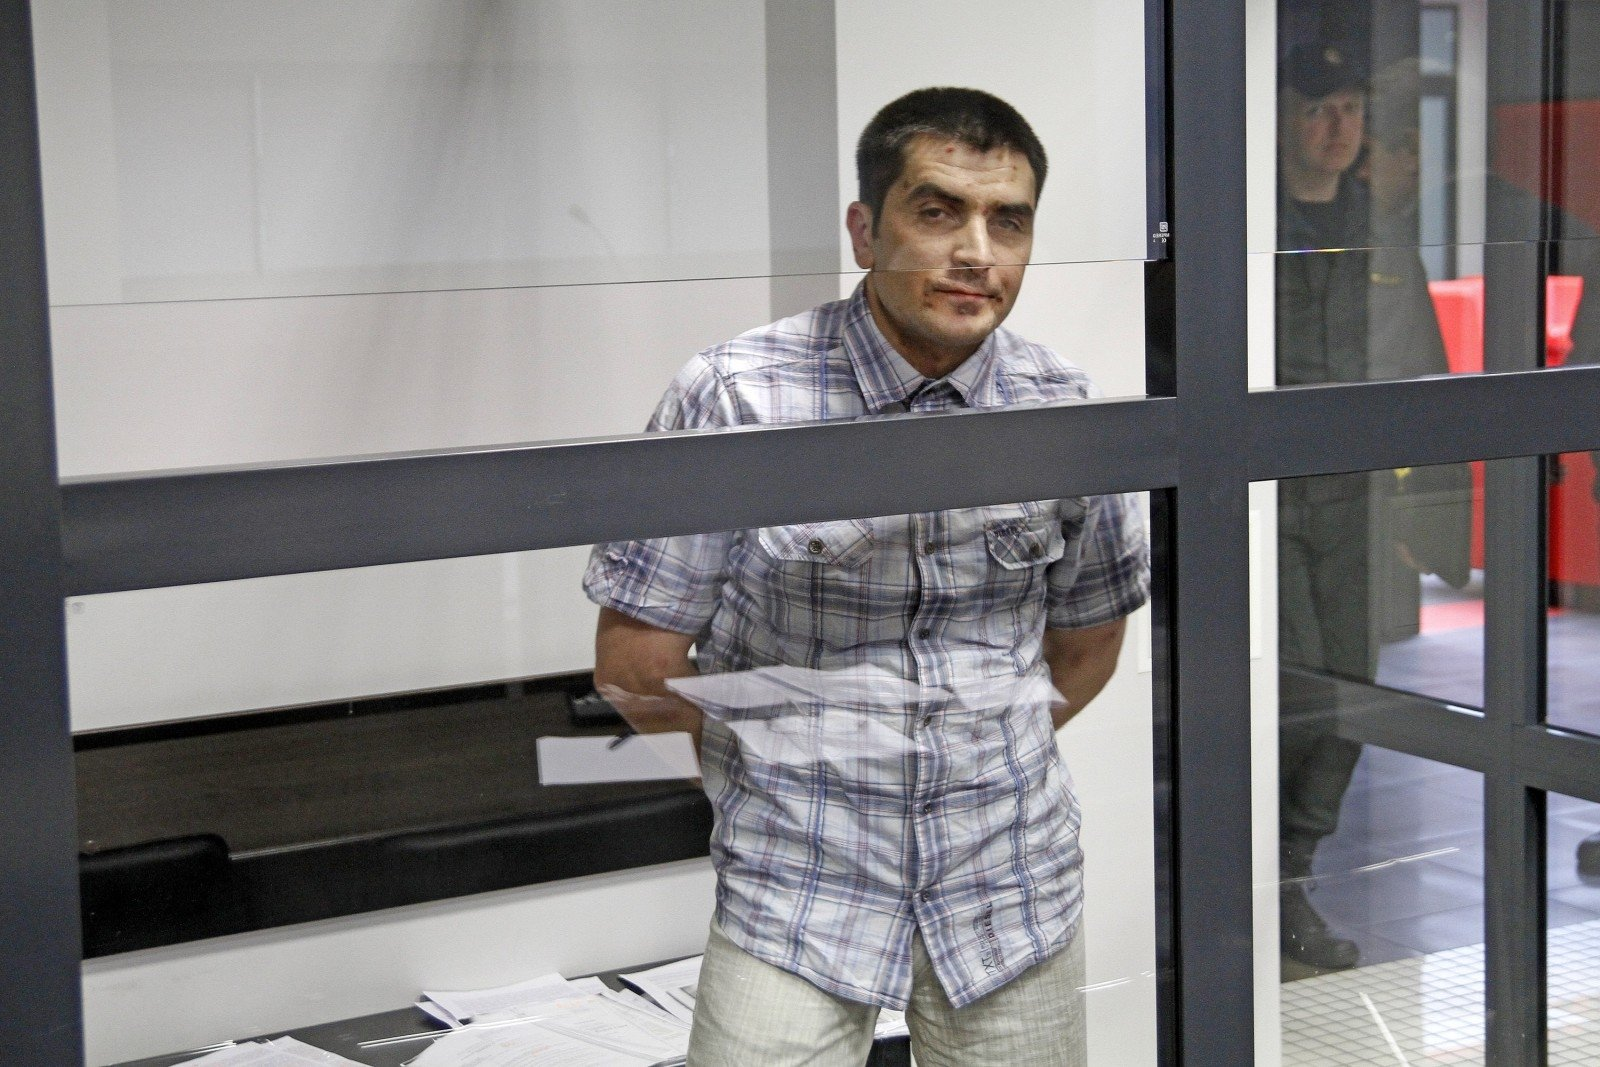 Teisėjos Dalios Kursevičienės sūnus policininkas pagrobė ir sudaužė svetimą automobilį – todėl, kad pasiskundė,  jo savininkas gavo 4 metus kalėjimo